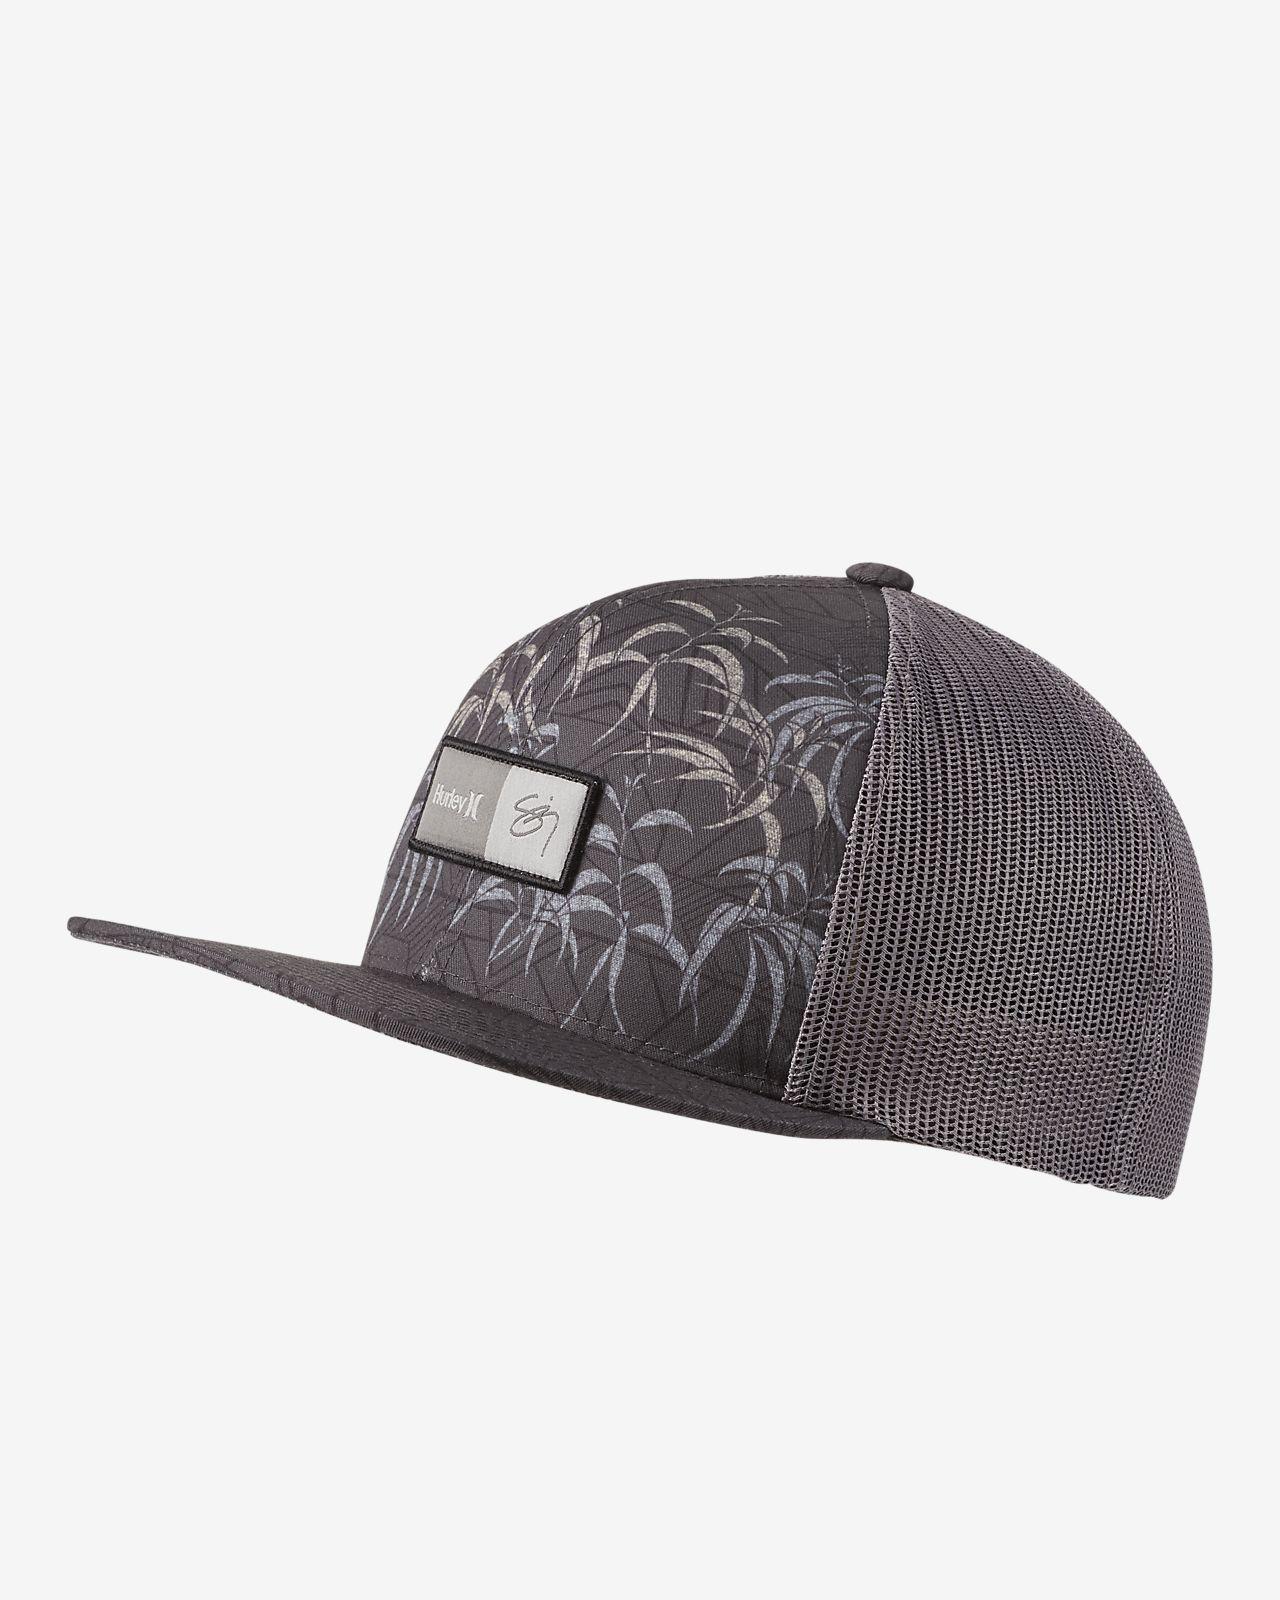 Ανδρικό καπέλο Hurley Sig Zane Kalaukoa